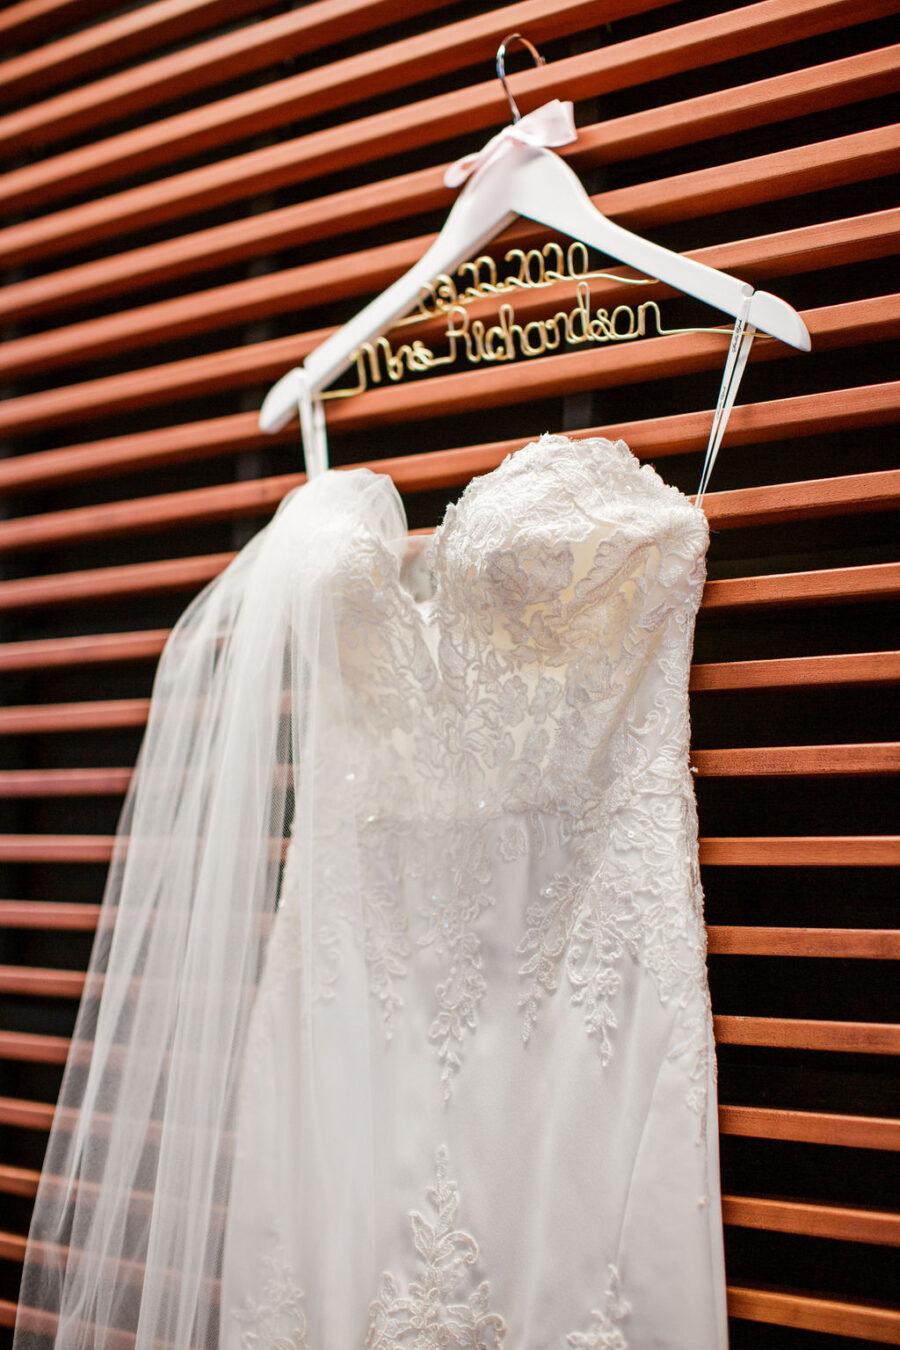 Strapless embroidered wedding dress design | Nashville Bride Guide